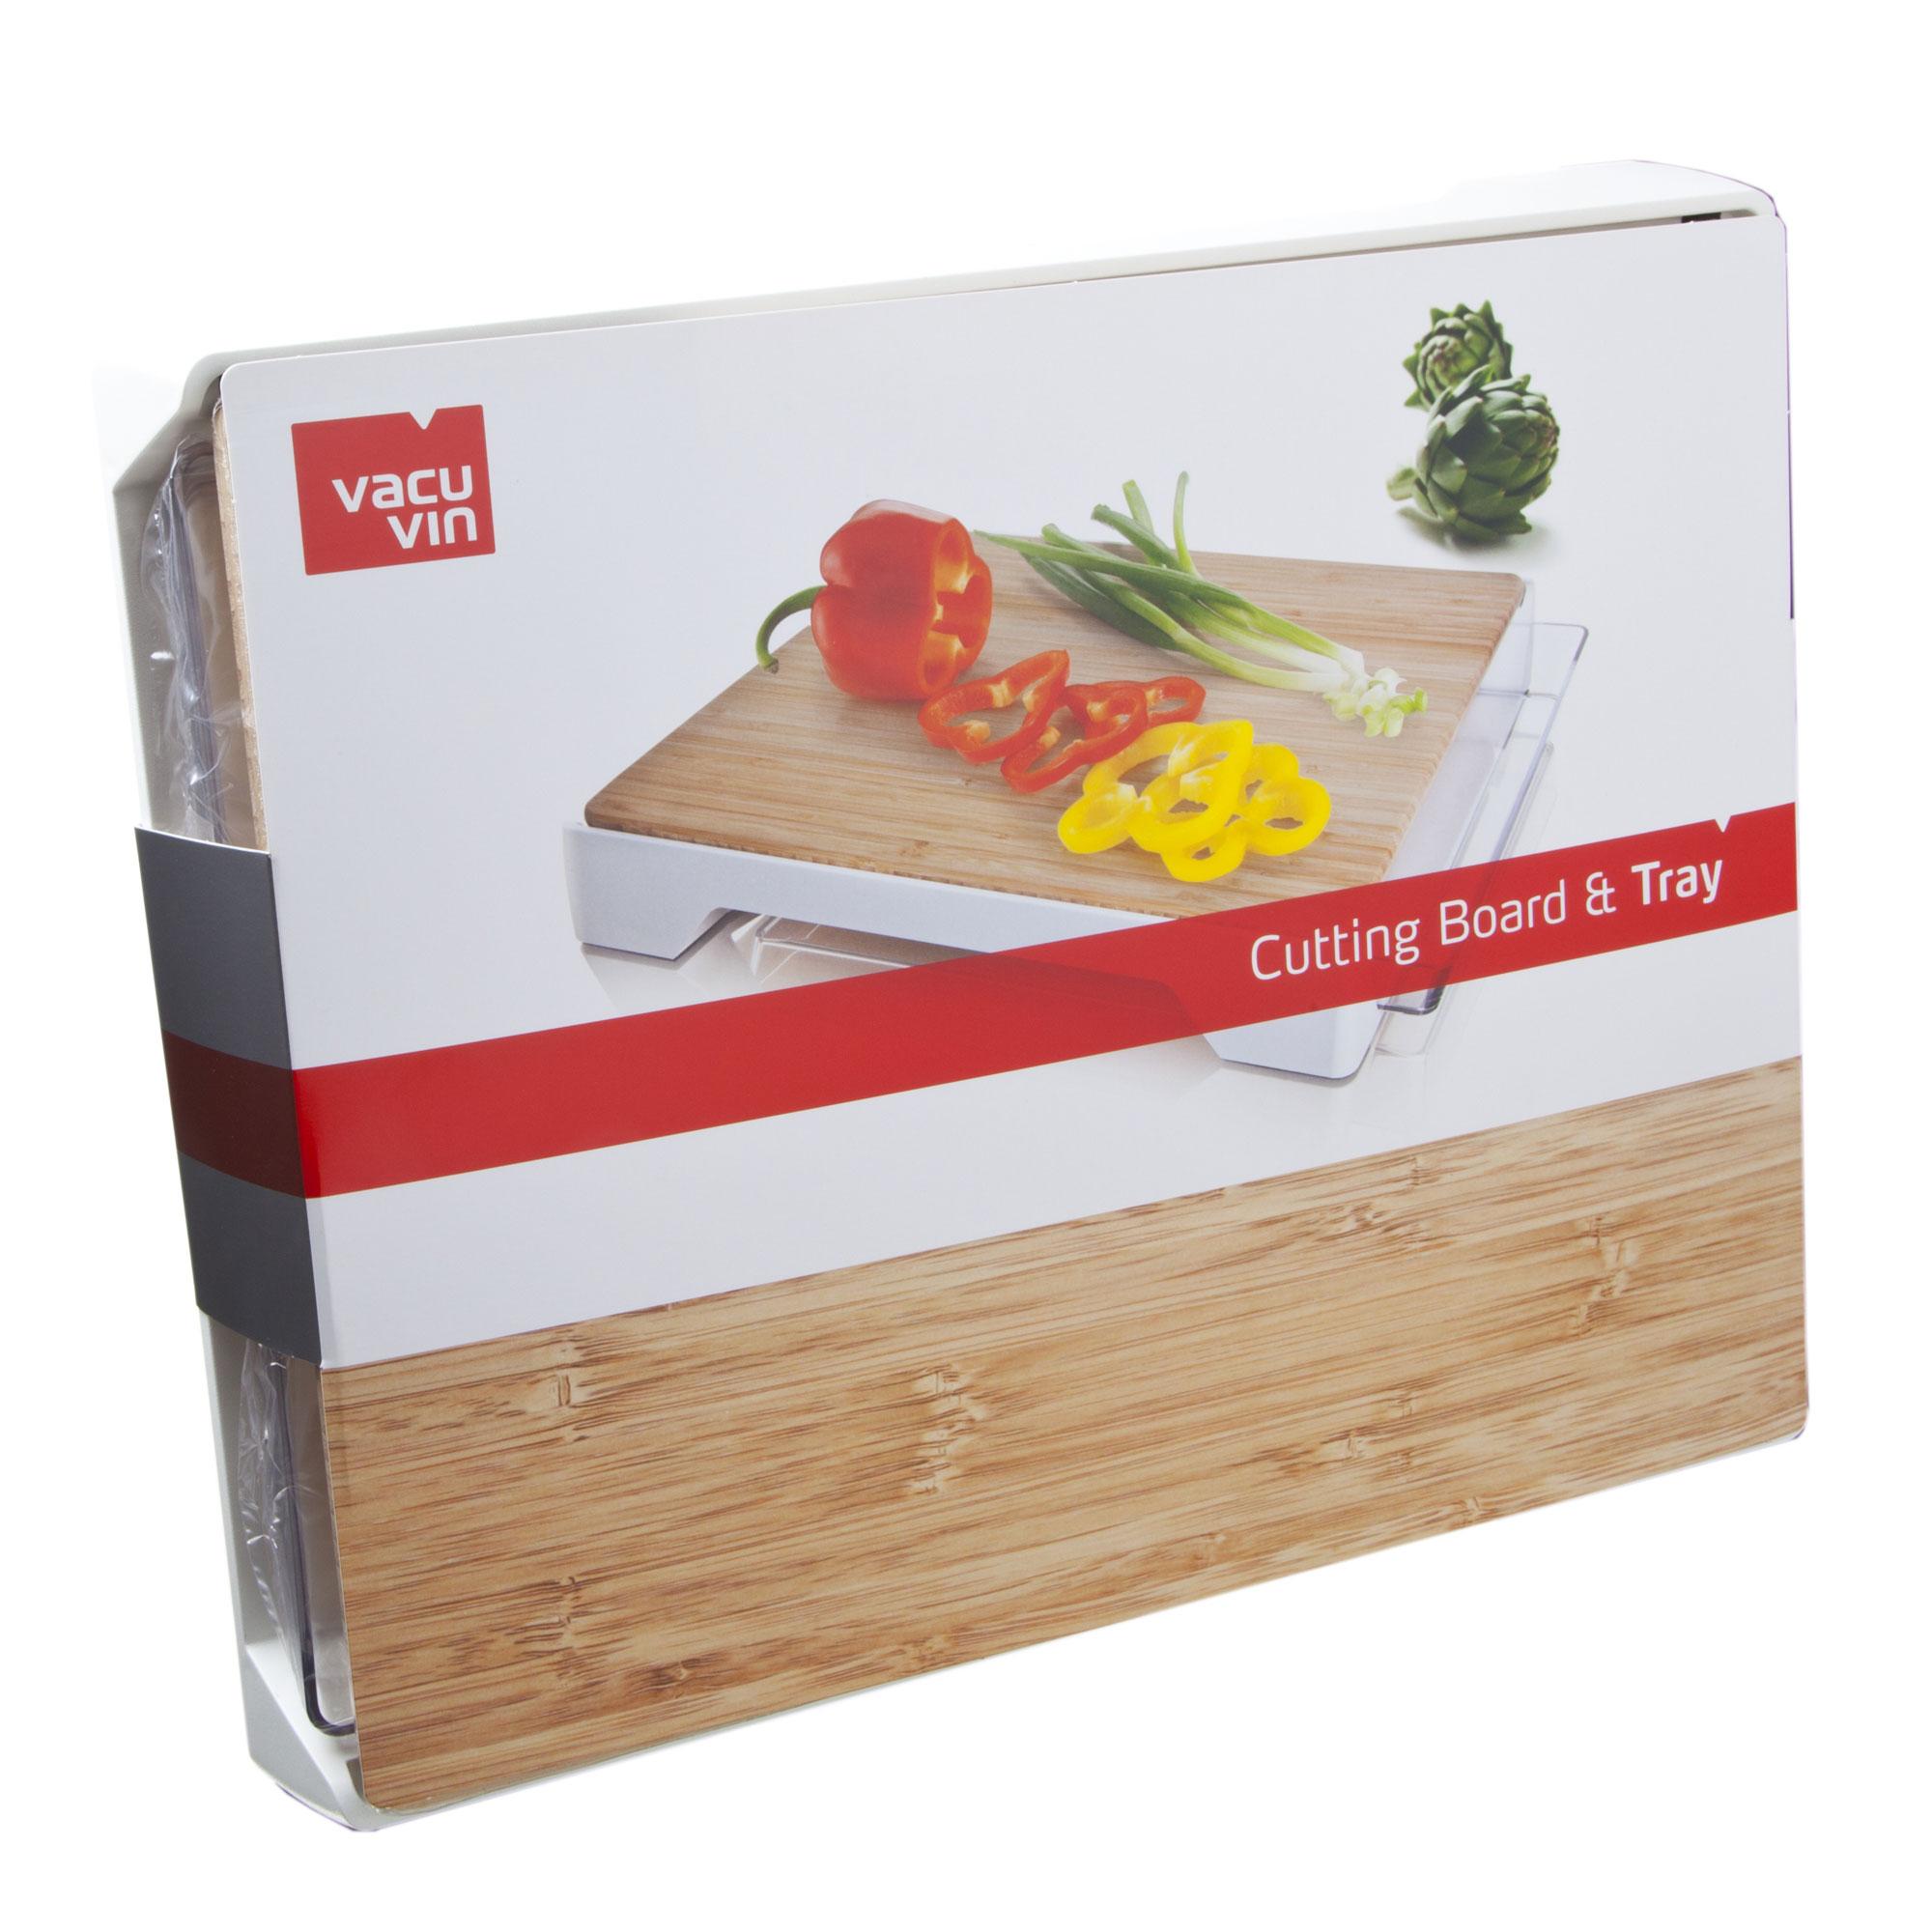 bdx vacuvin planche d couper tray en bambou avec bac de. Black Bedroom Furniture Sets. Home Design Ideas